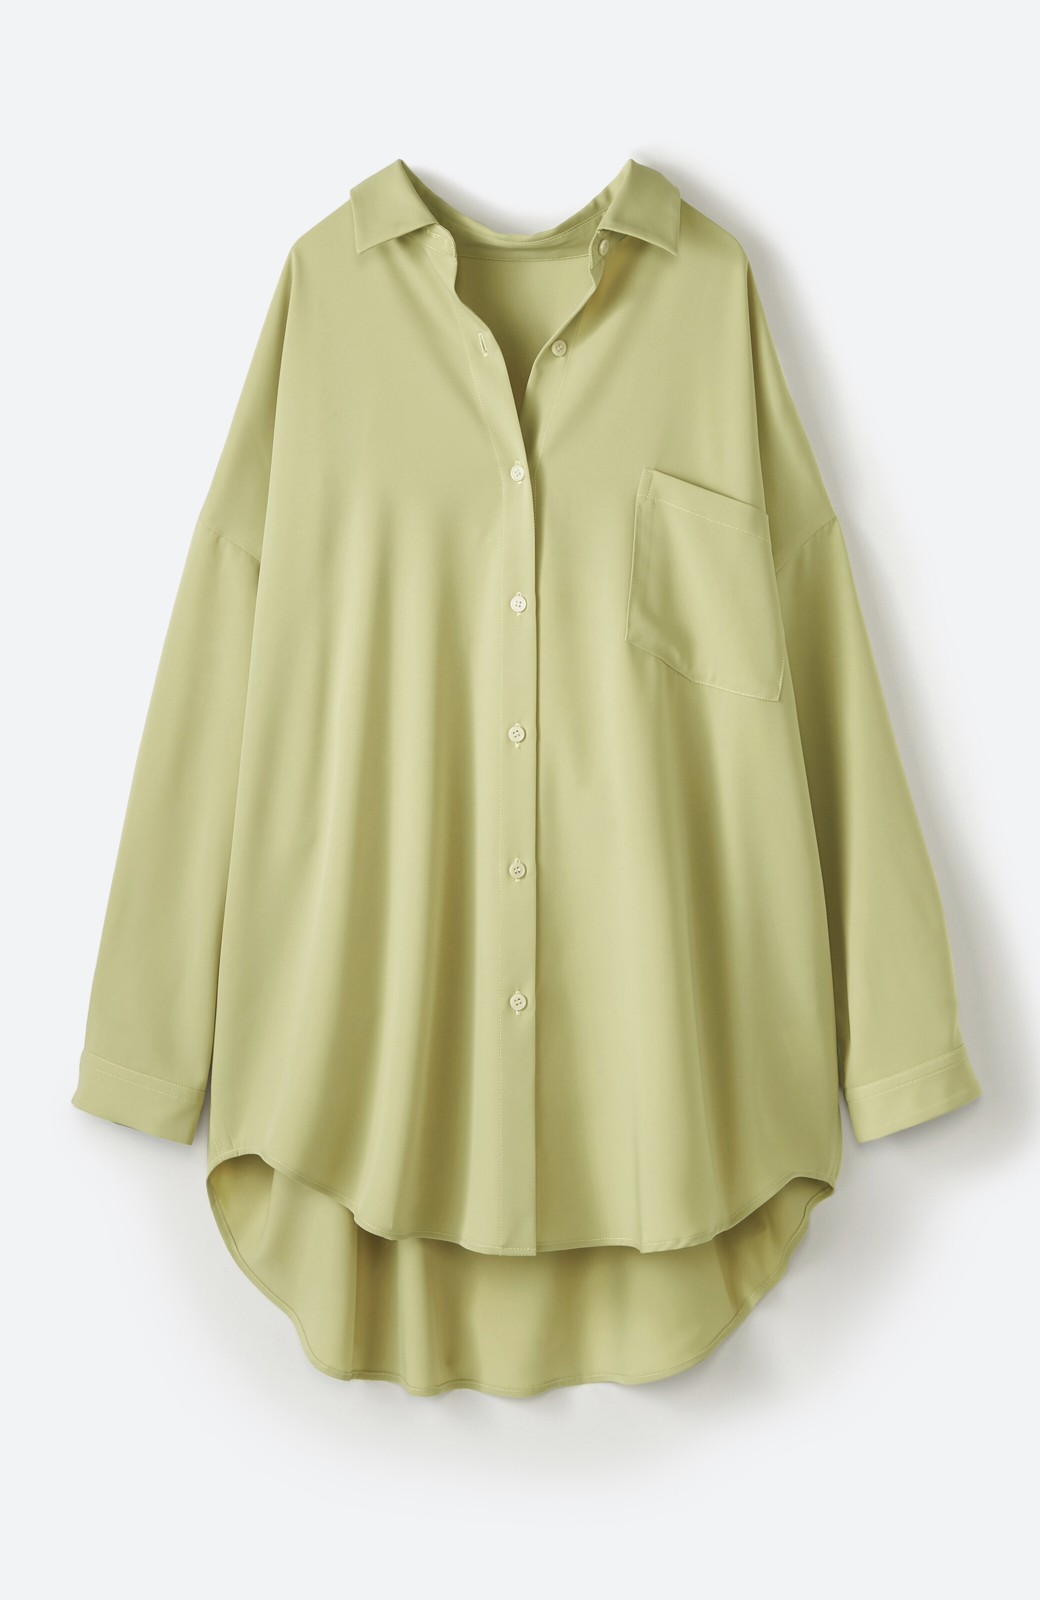 haco! カンタン今っぽ!シワになりにくく羽織りにもなるこなれ見えビッグシャツ <ライトオリーブ>の商品写真2